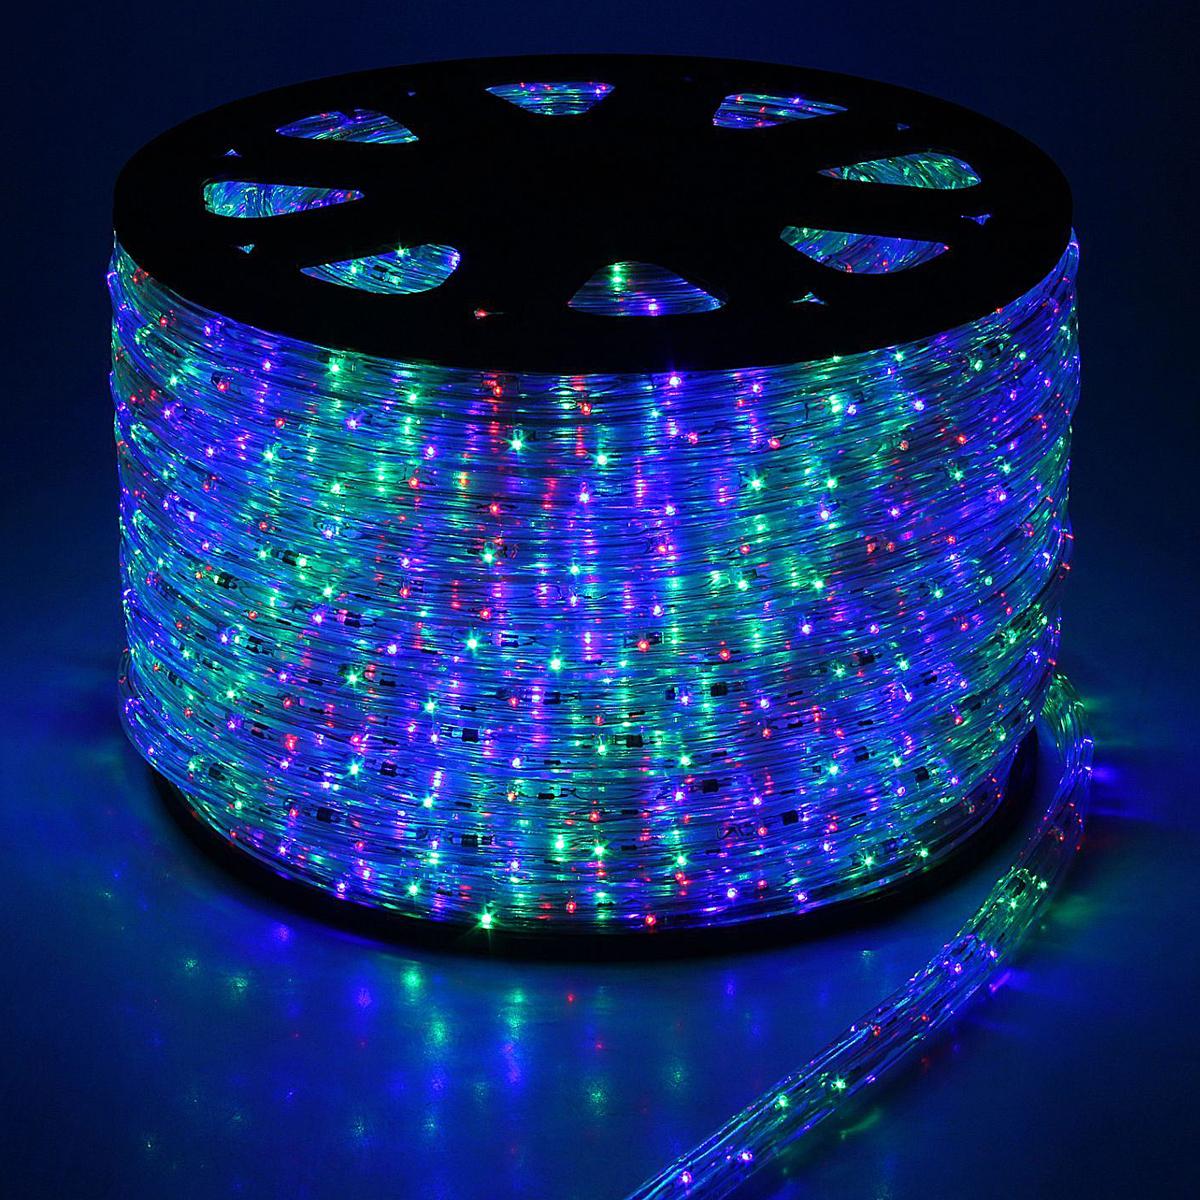 Гирлянда светодиодная Luazon, 2400 ламп, 220 V, цвет: мультиколор, 1,8 см х 100 м. 14890991080330Светодиодные гирлянды, ленты и т.д — это отличный вариант для новогоднего оформления интерьера или фасада. С их помощью помещение любого размера можно превратить в праздничный зал, а внешние элементы зданий, украшенные ими, мгновенно станут напоминать очертания сказочного дворца. Такие украшения создают ауру предвкушения чуда. Деревья, фасады, витрины, окна и арки будто специально созданы, чтобы вы украсили их светящимися нитями.